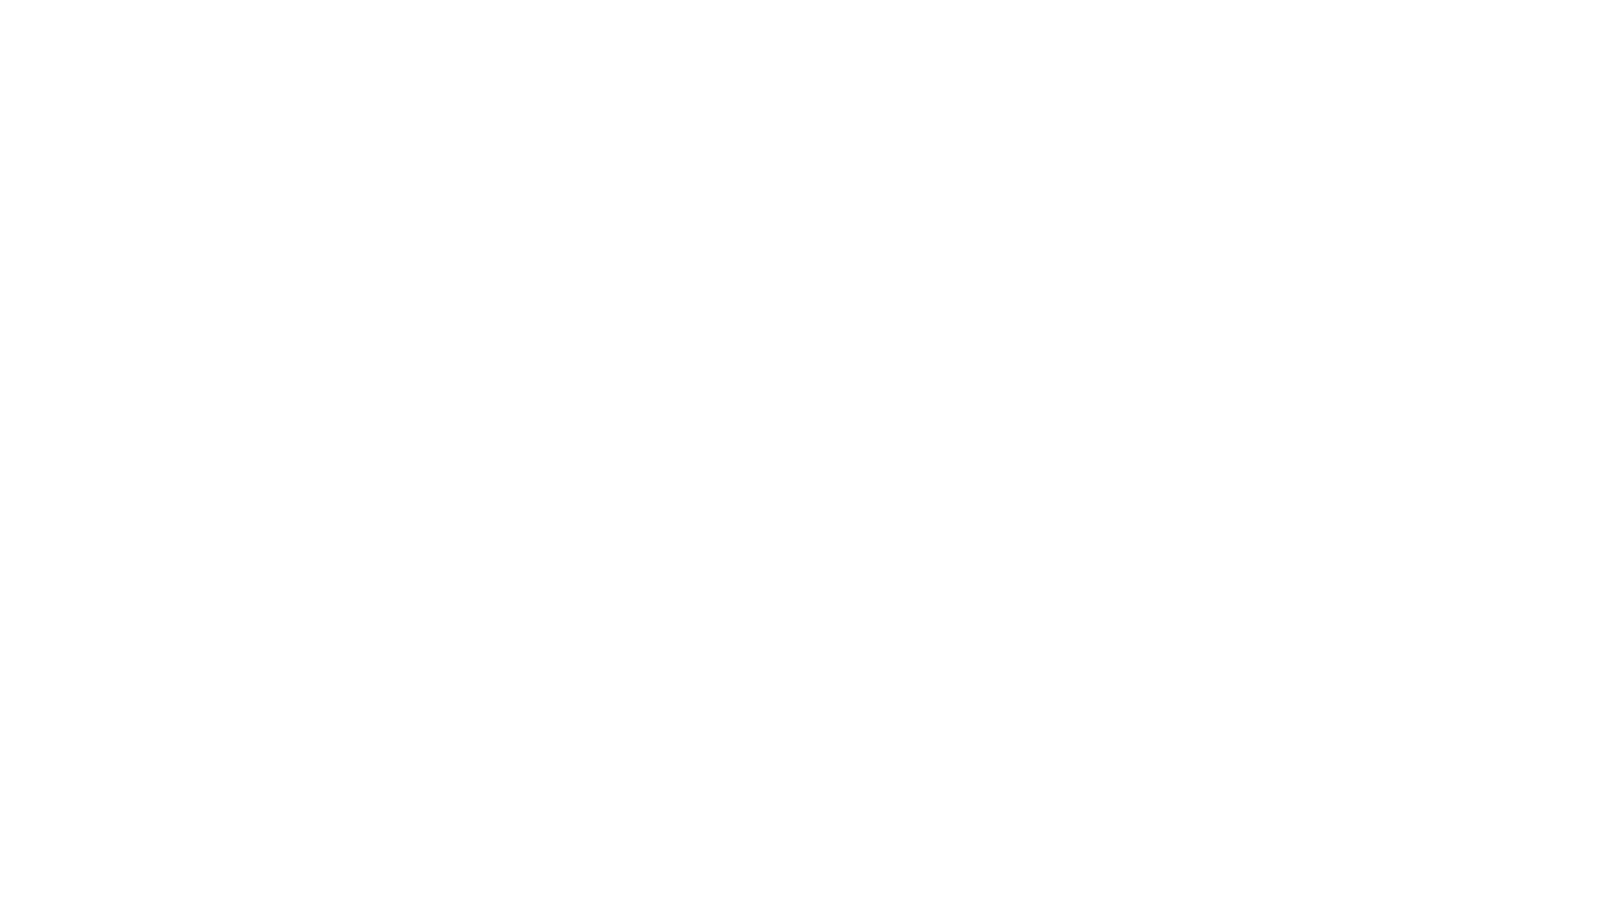 Le temps des vacances, d'un week-end, d'une journée, les Pyrénées-Orientales offrent une large gamme de loisirs des activités de Pleine Nature aux activités culturelles, parcs aquatiques, parcs animaliers…. Explorateurs en herbe ou grands aventuriers… découvrez nos loisirs pour vous évader en famille, entre amis, seul ou à deux!  #ToutEstIci tourisme-pyreneesorientales.com  Réalisation et images : Prod multimédia ADT Pyrénées-Orientales Tourisme, Love Live Travel, Qorz,  Montage : Prod multimédia ADT Pyrénées-Orientales Musique : Youtube, Midranger-  Unrequited (feat. Holly Drummond) (No Copyright Music)